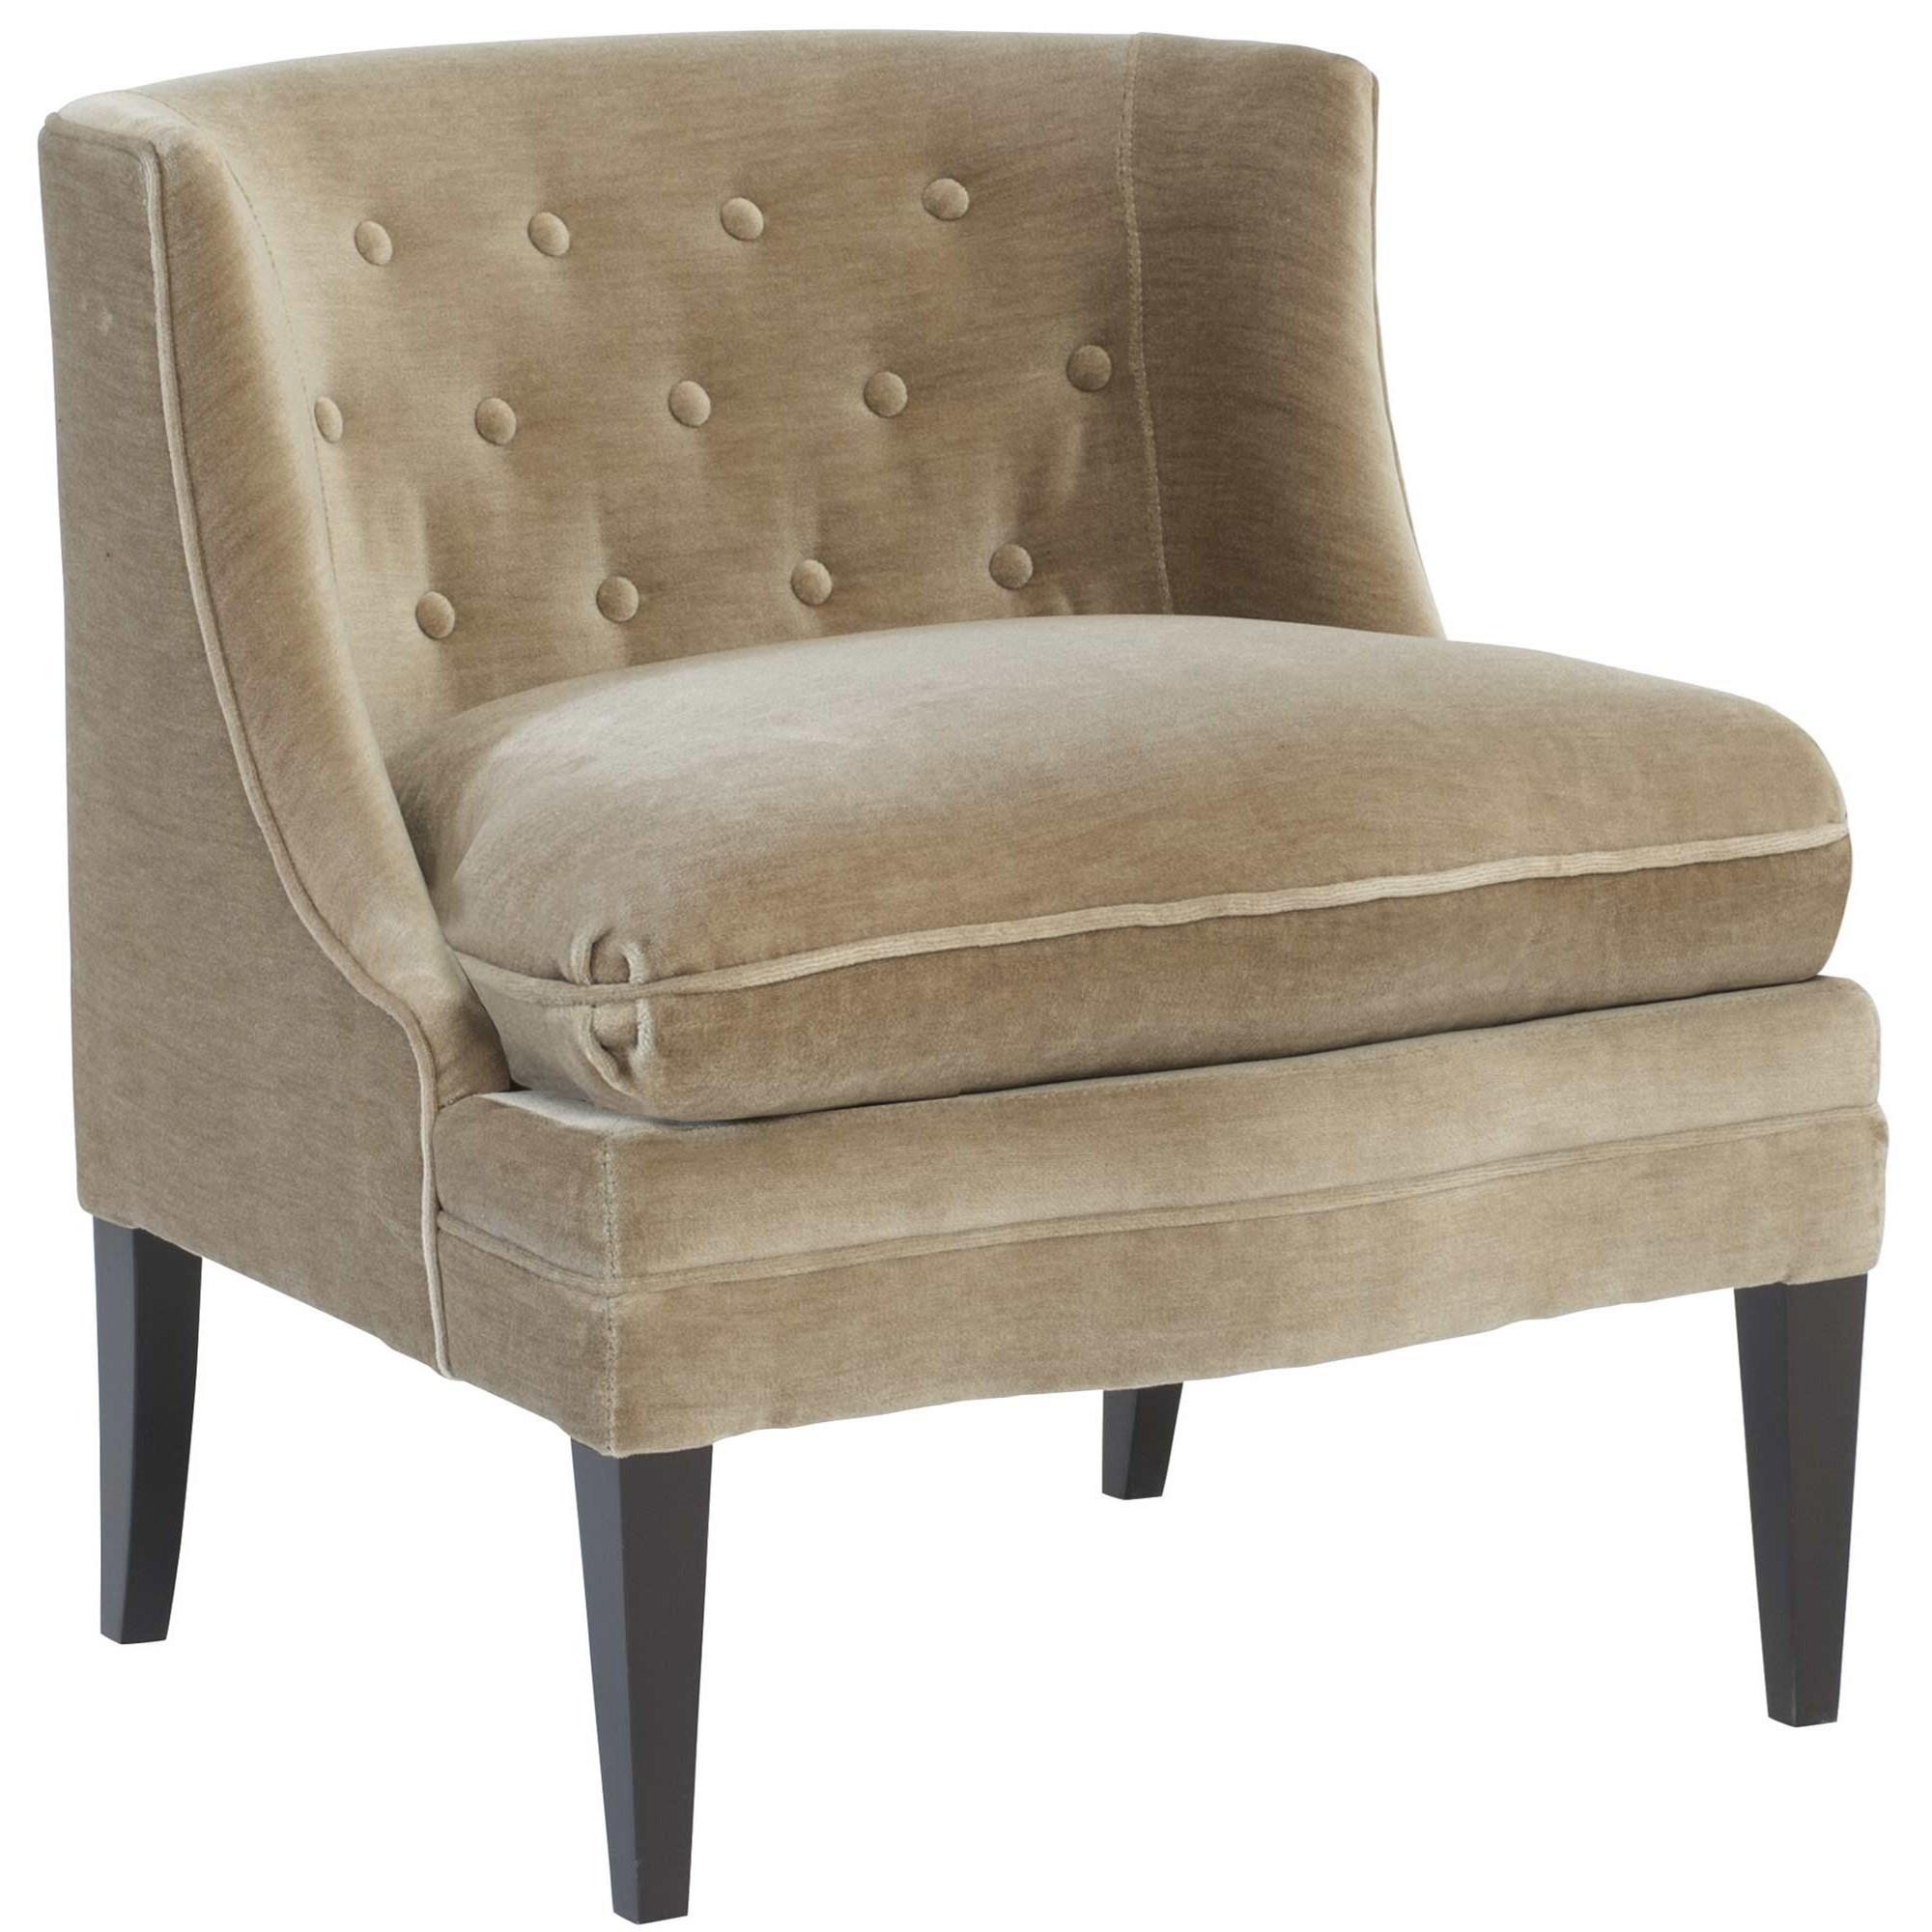 Amber Chair at Williams & Kay